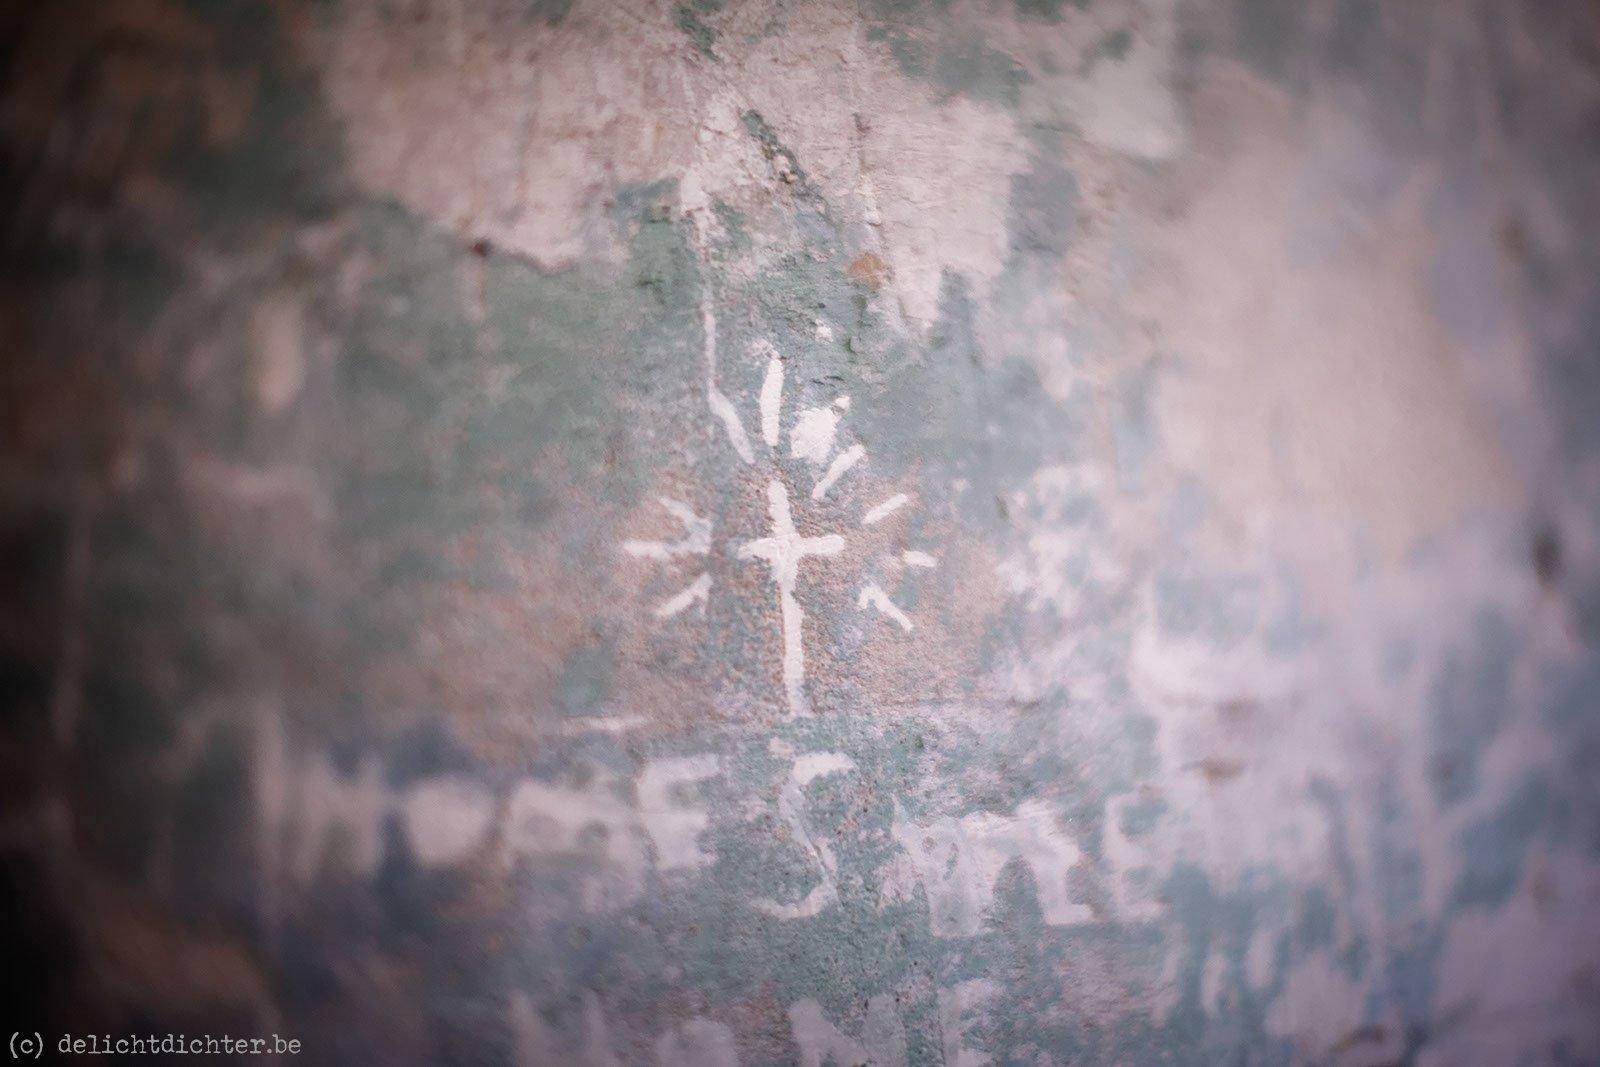 2014_07_Dachau_20140719_095247_DxO_v9